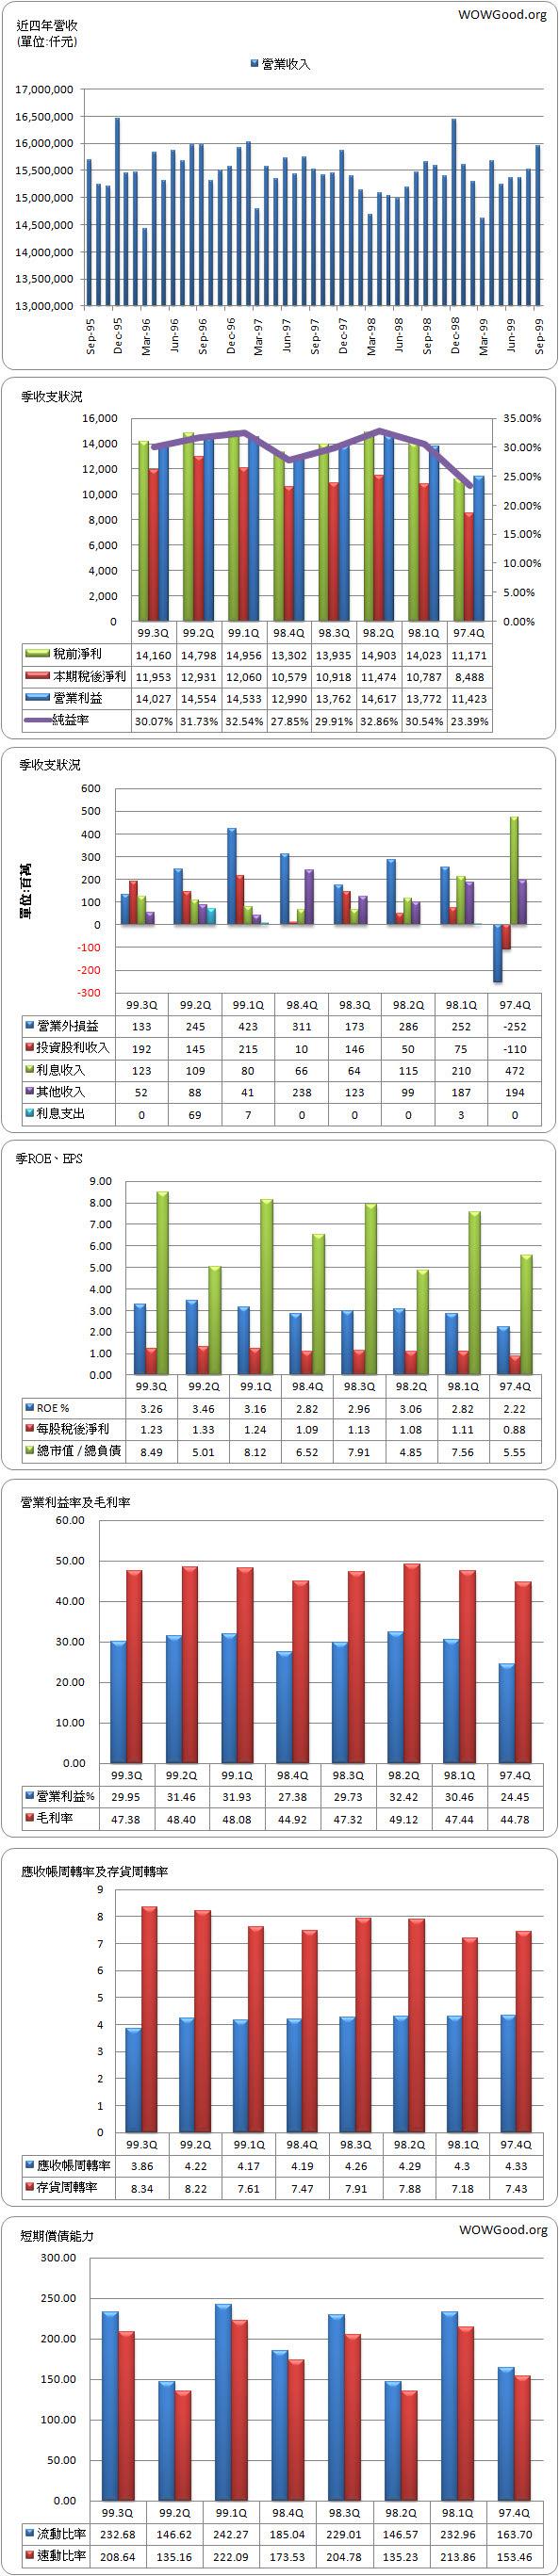 2412_中華電_季圖_993Q